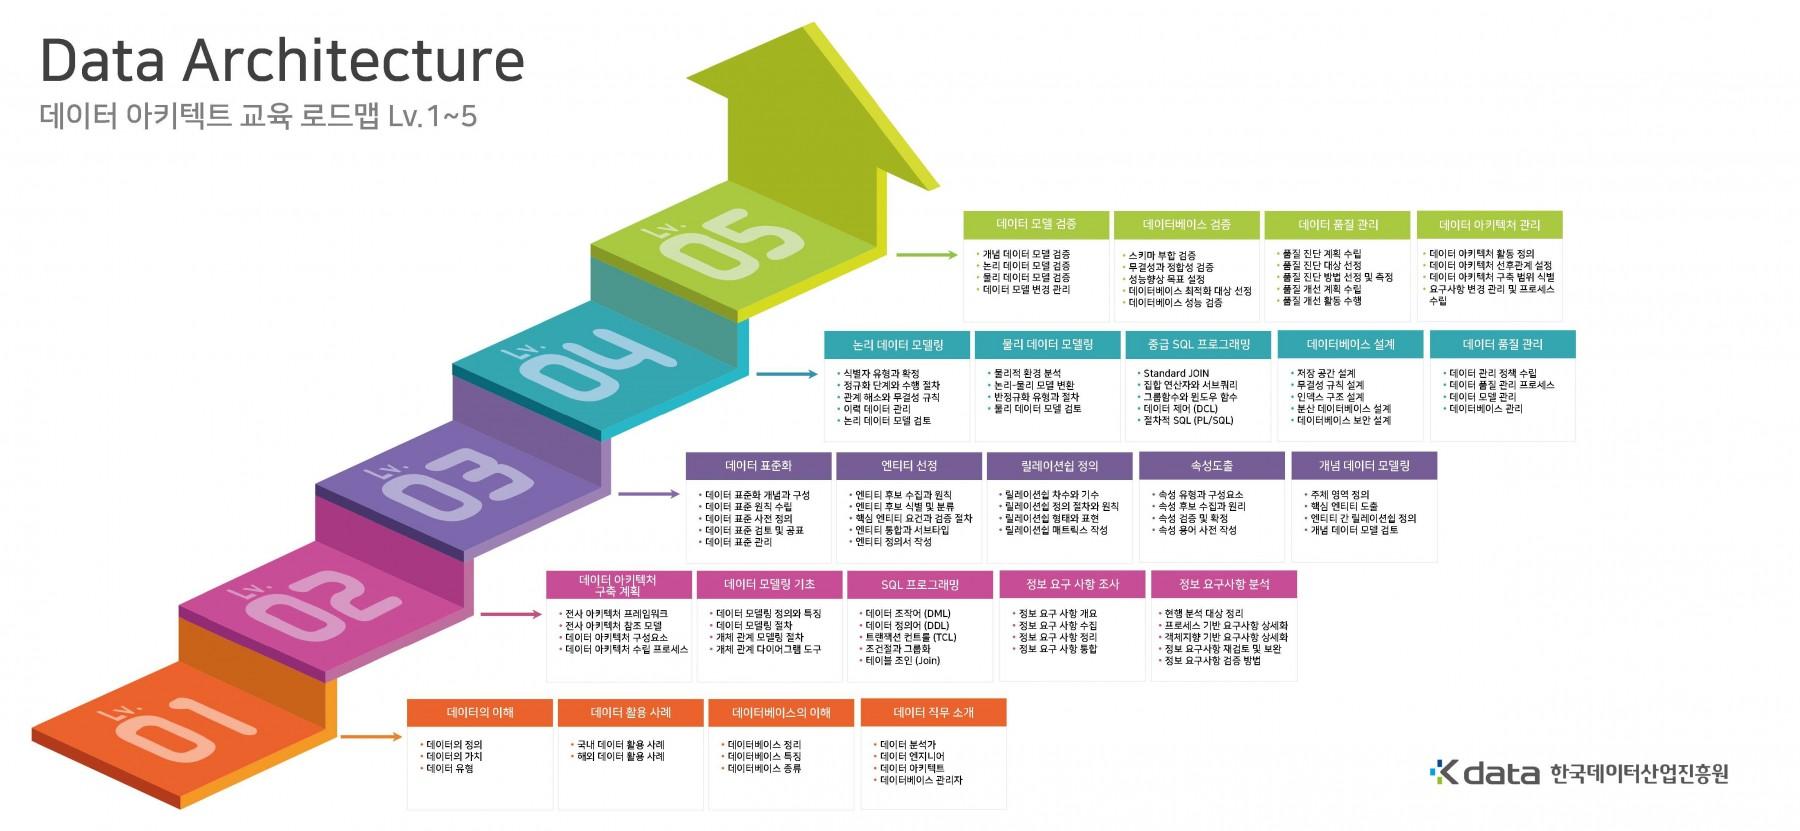 3. Data Architecture 로드맵